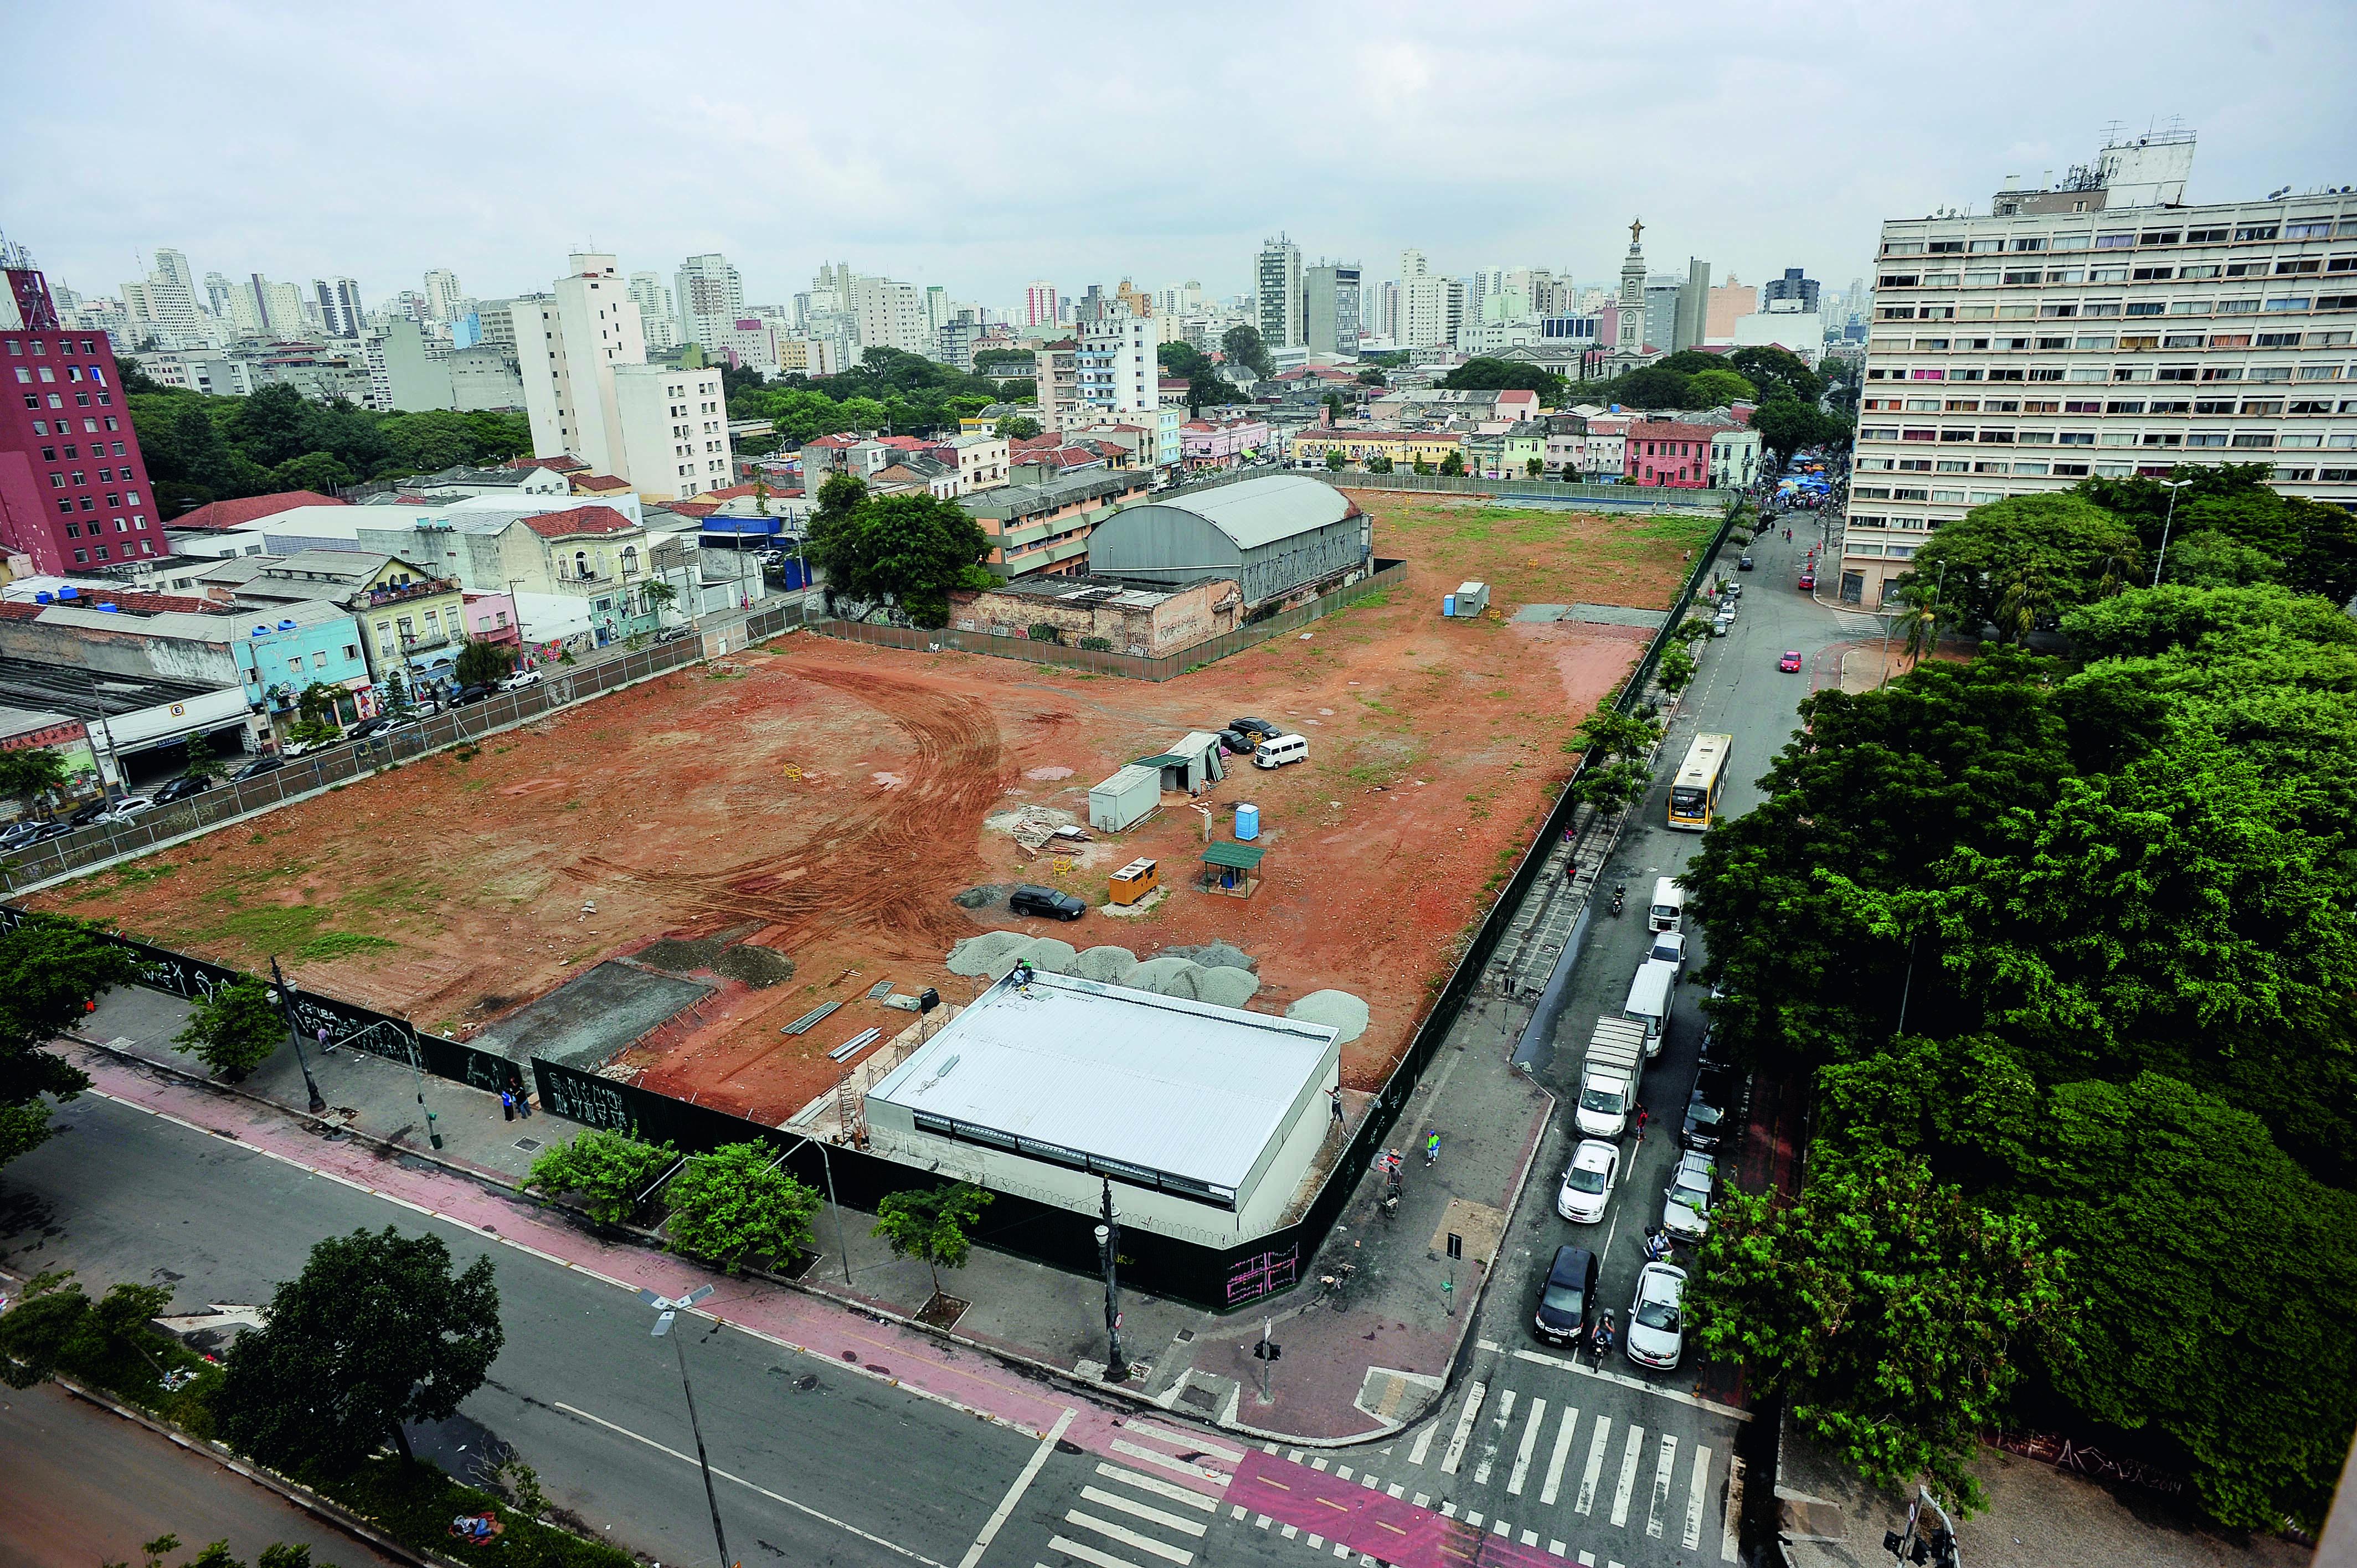 A situação atual do terreno da antiga rodoviária, na vizinhança da Cracolândia: as obras devem começar nesta segunda, 23 (Foto: Reinaldo Canato)